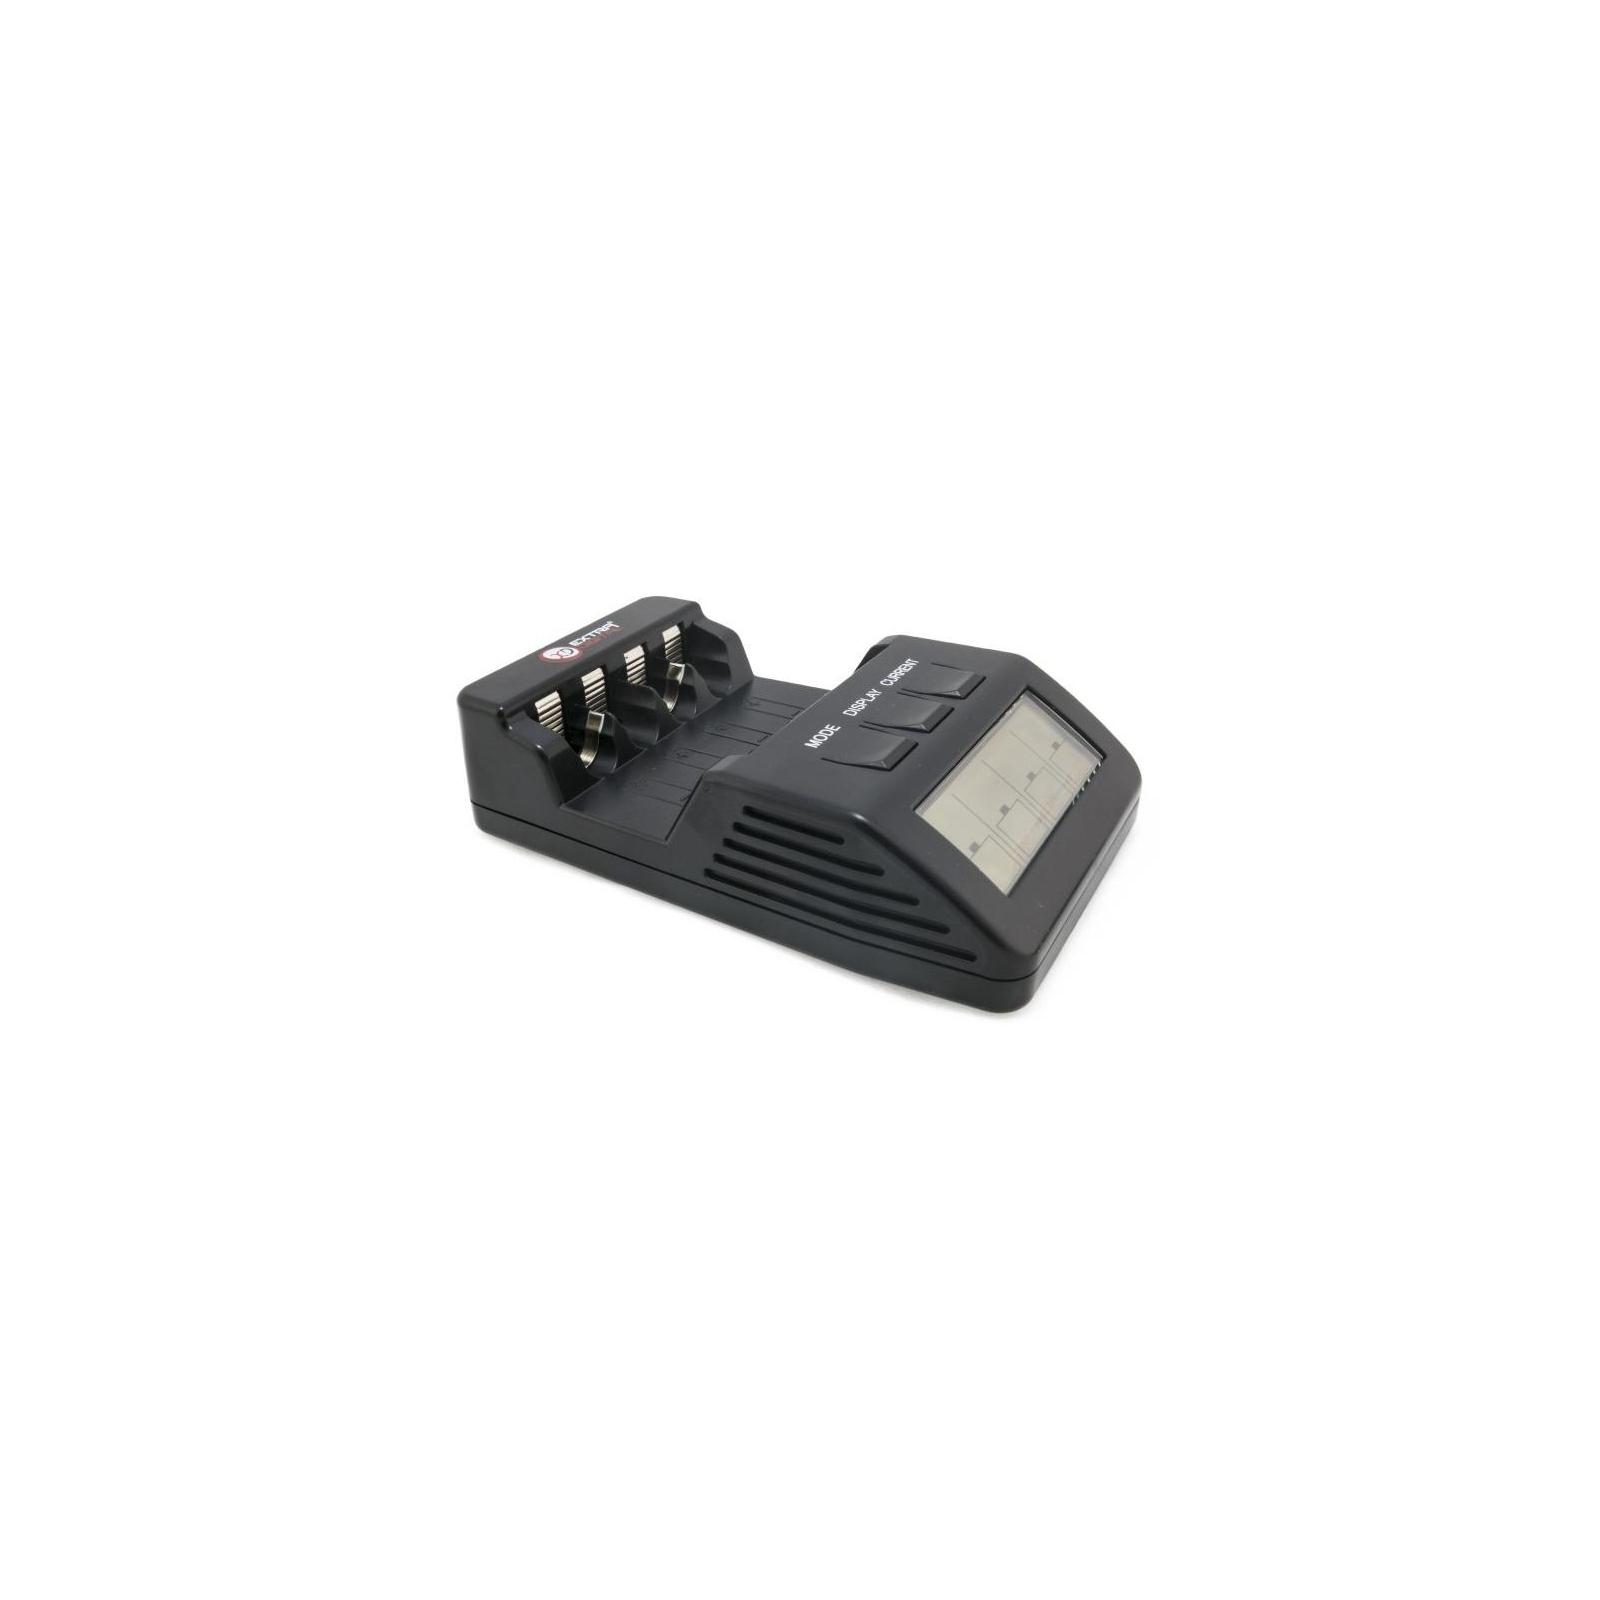 Зарядное устройство для аккумуляторов Extradigital BM110 + 4шт AA 2800 mAh (DV00DV2818) изображение 6